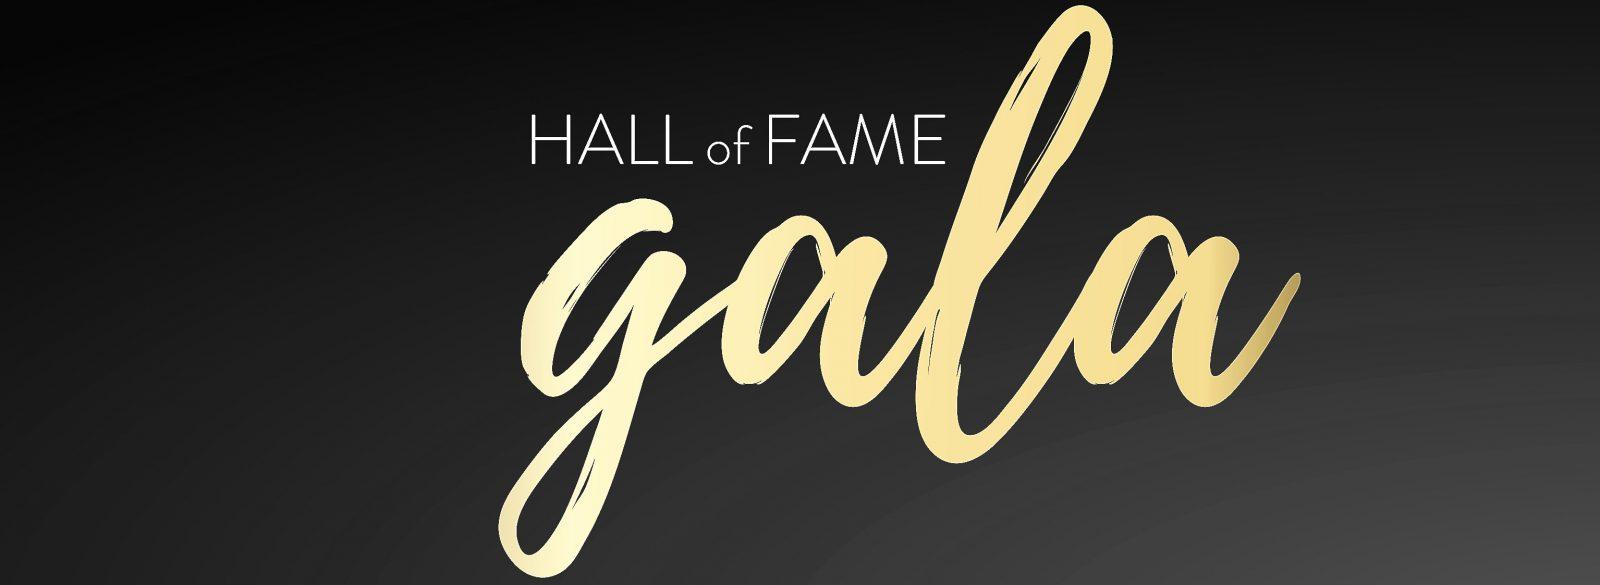 Hall of Fame Gala Banner